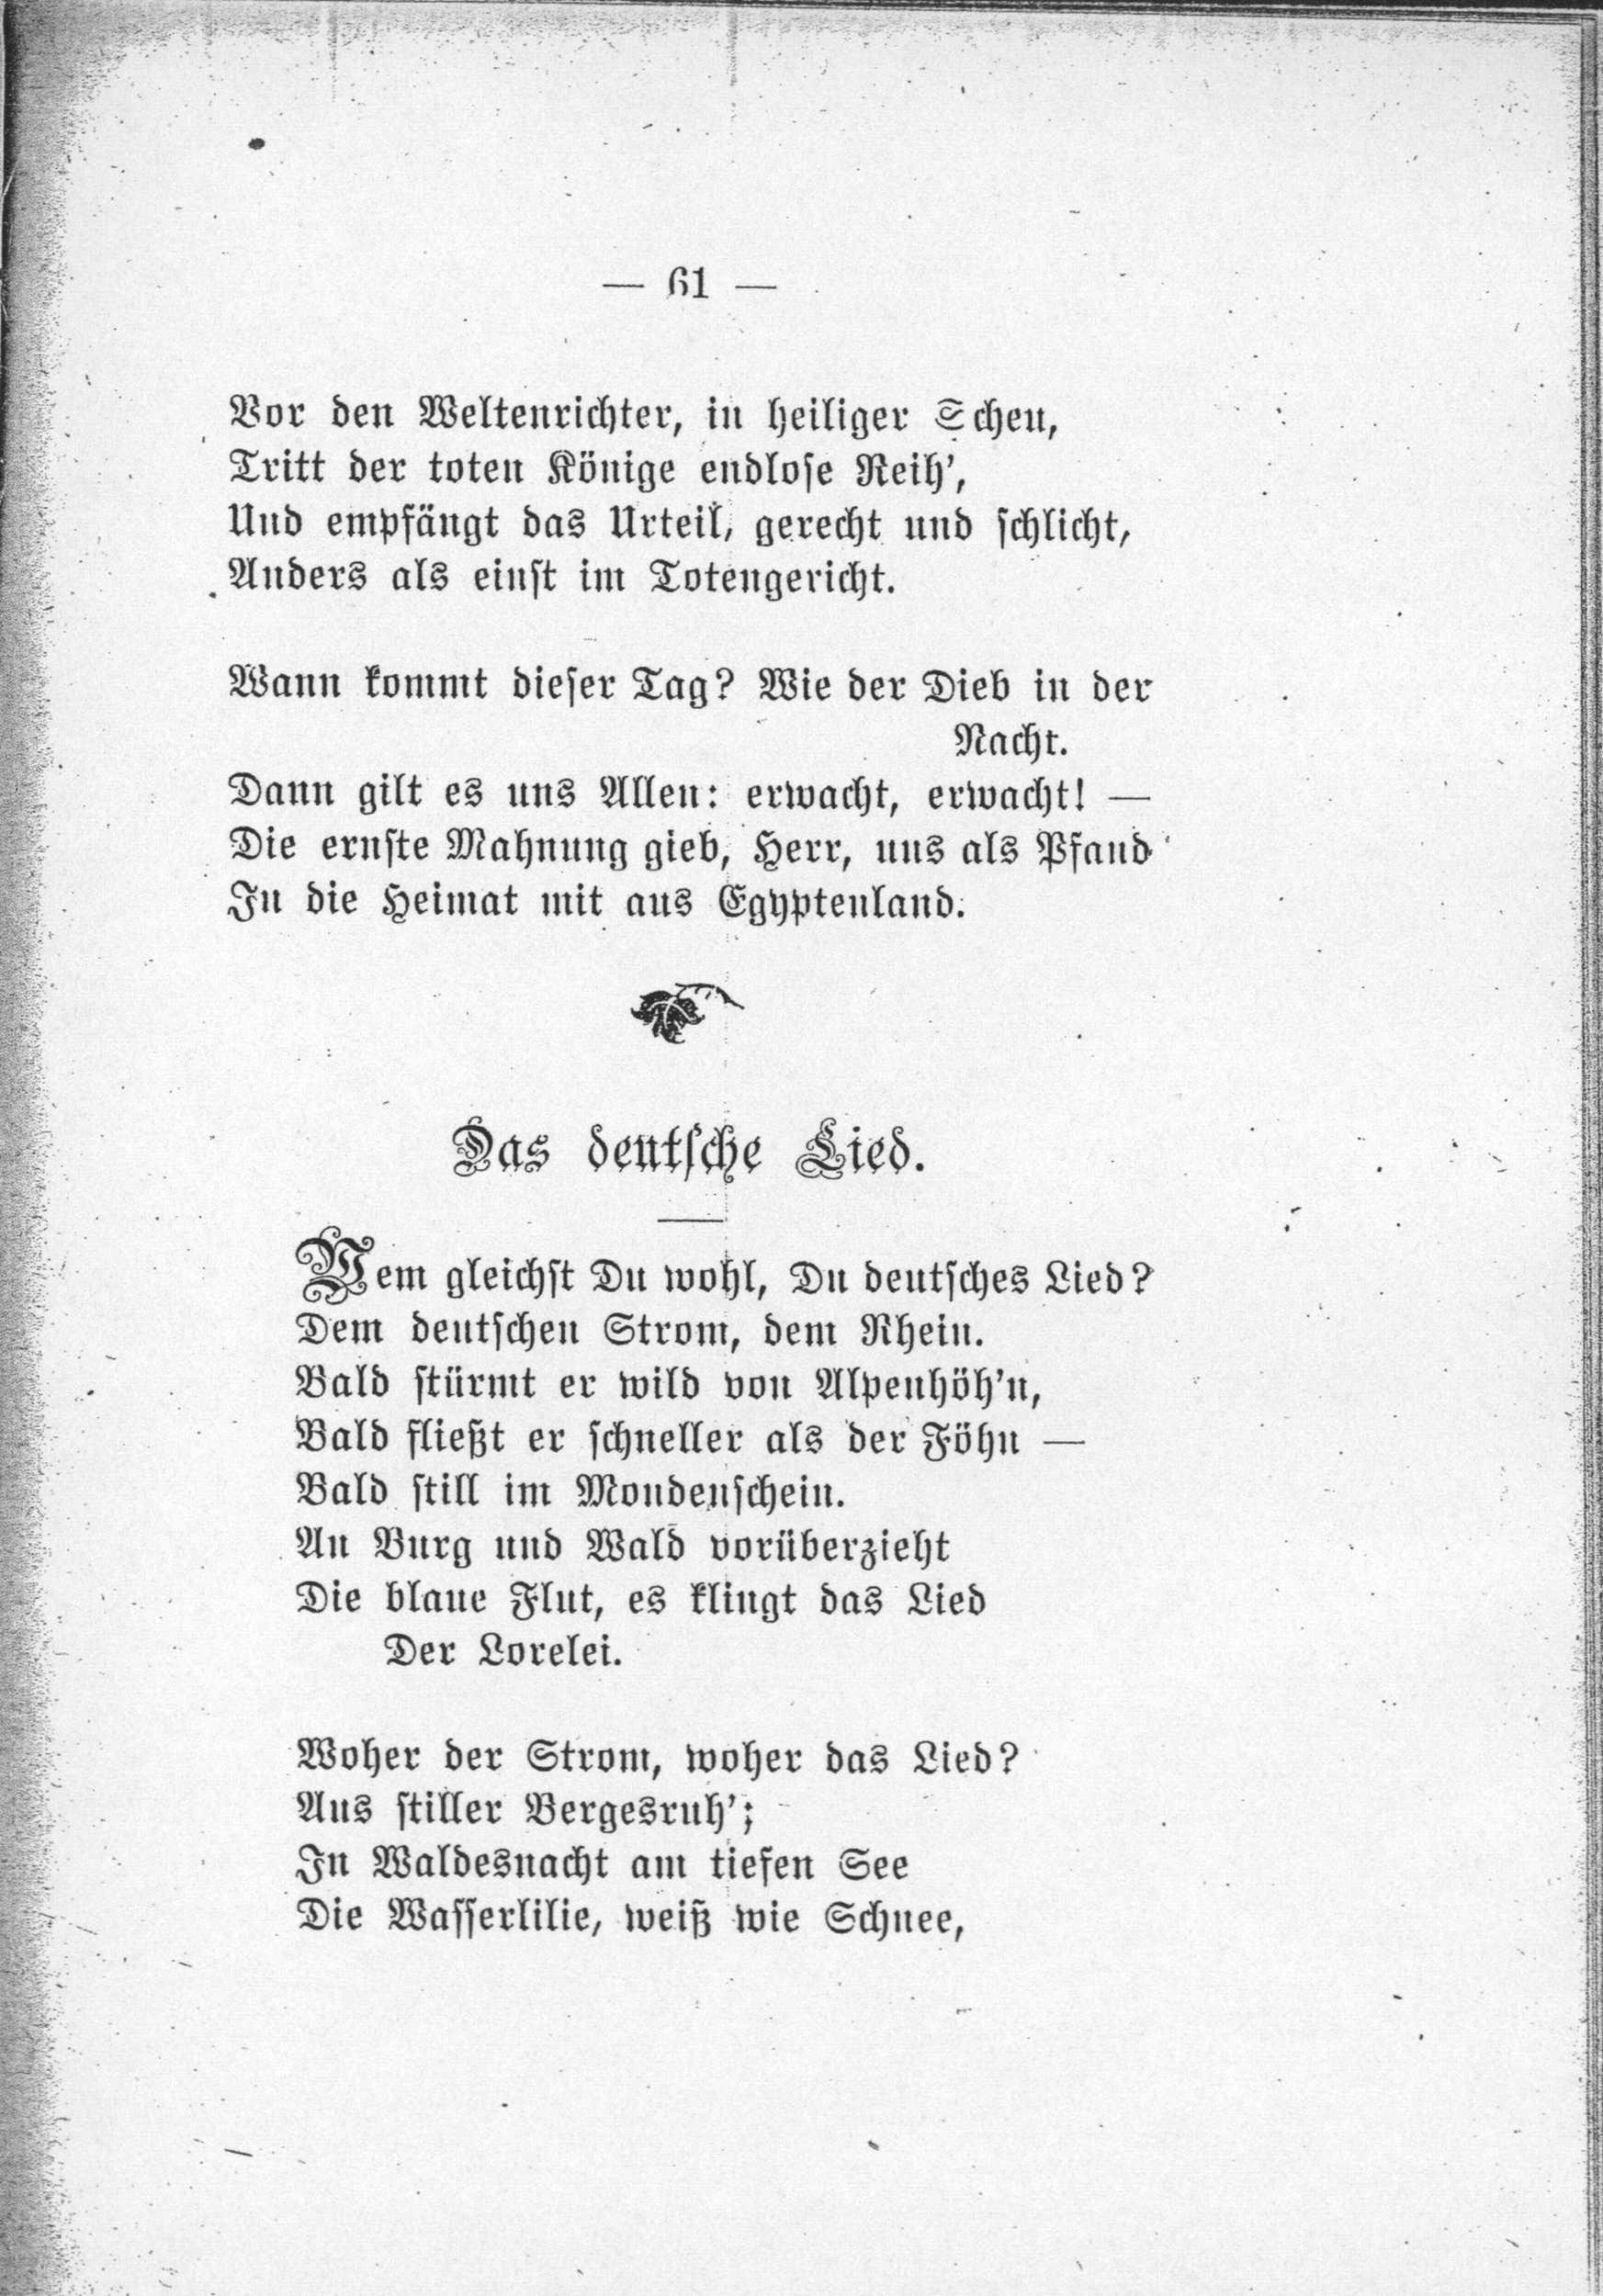 Filede Ebel Gedichte 061jpg Wikimedia Commons